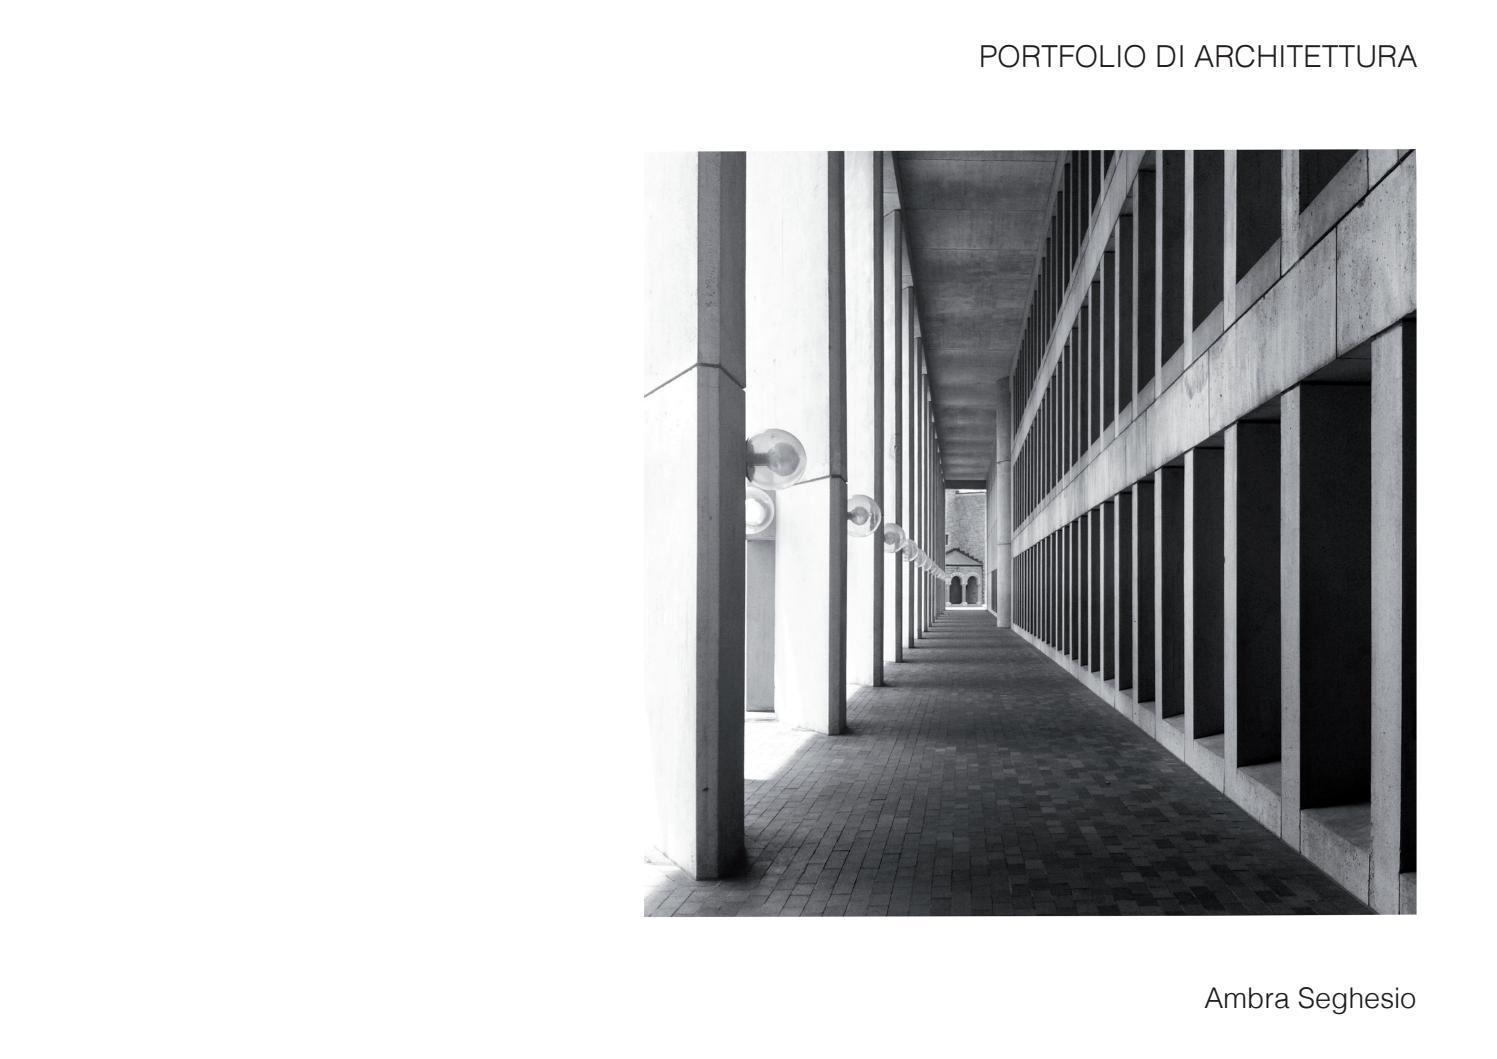 Studi Di Architettura Cuneo ambra seghesio portfolio di architettura by ambra seghesio